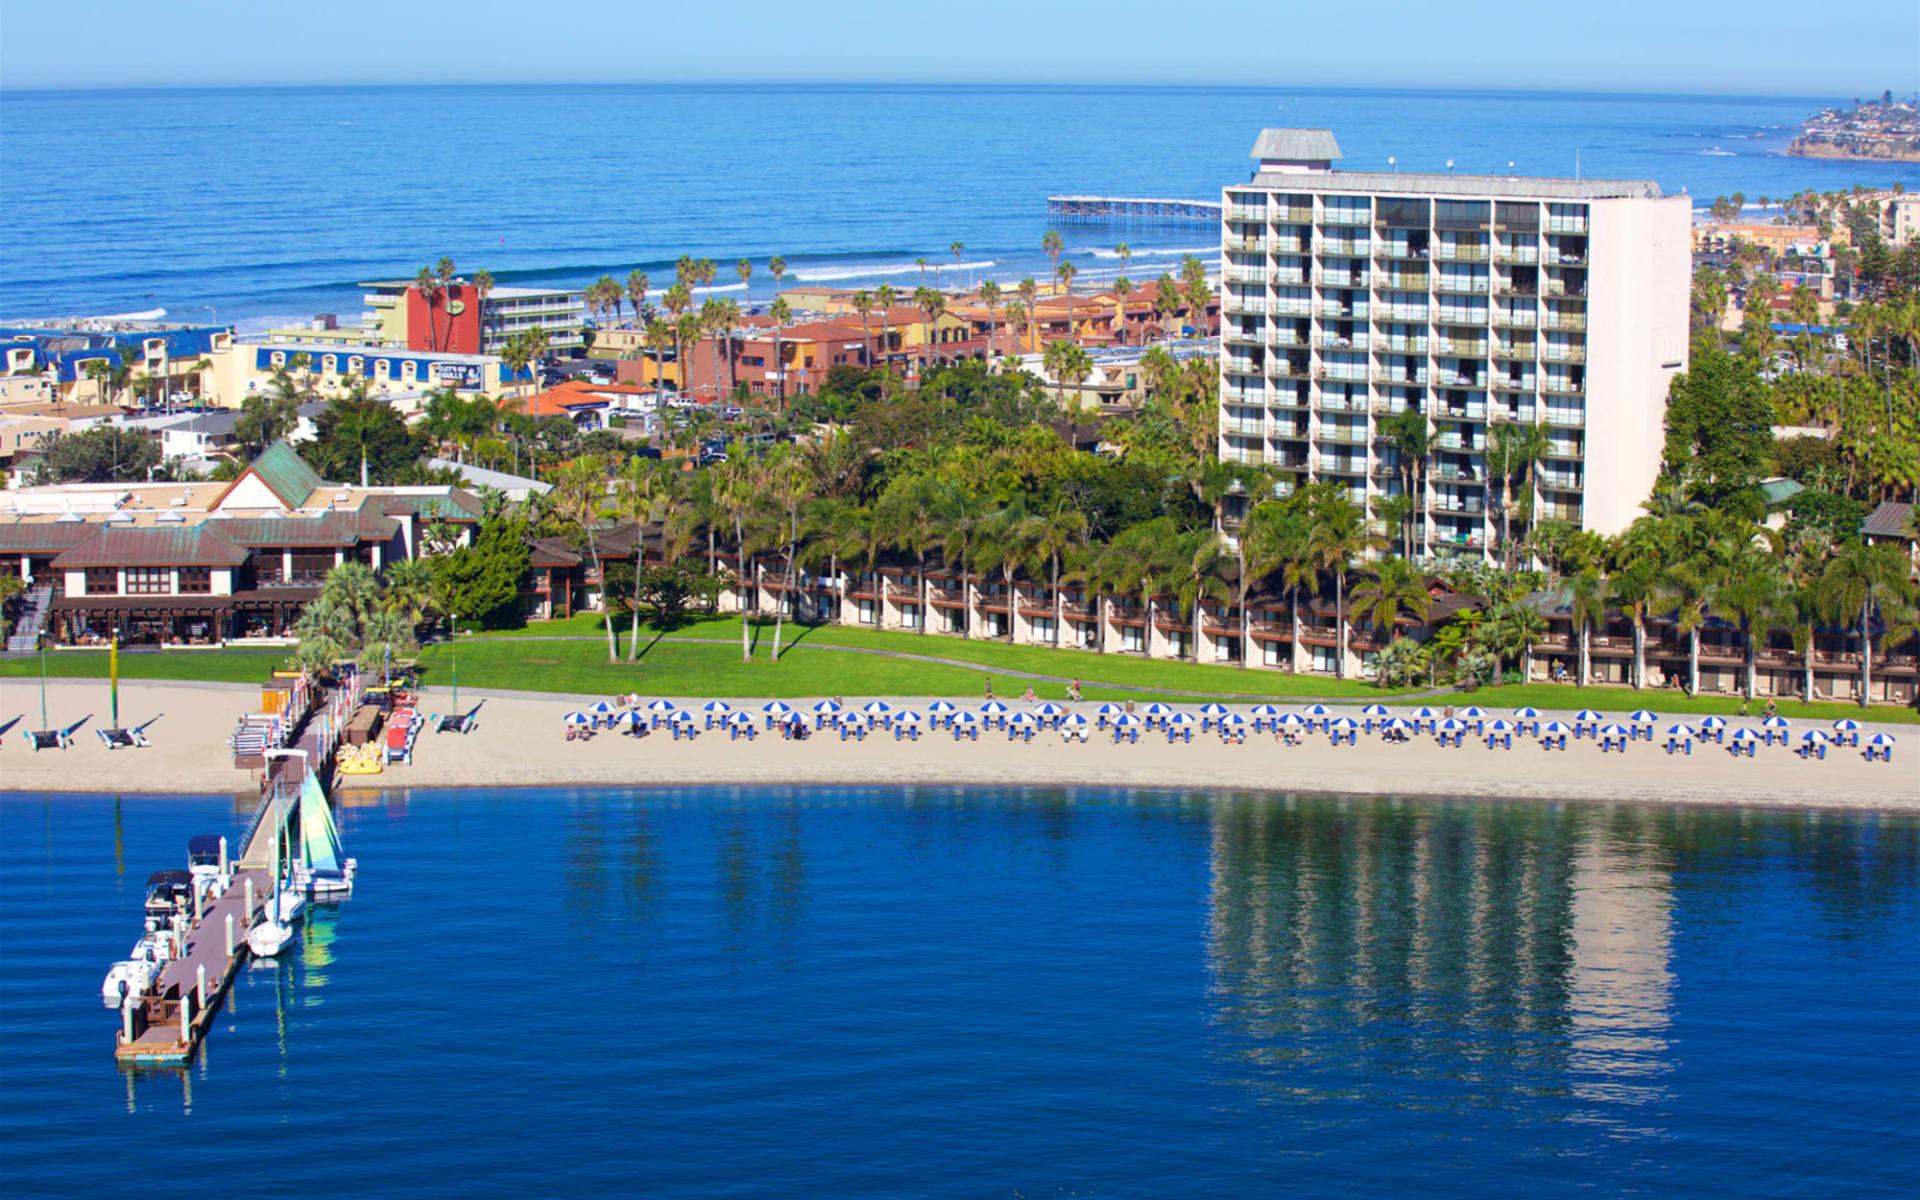 Catamaran Resort & Spa in San Diego:  Catamaran Resort - HR-5x3